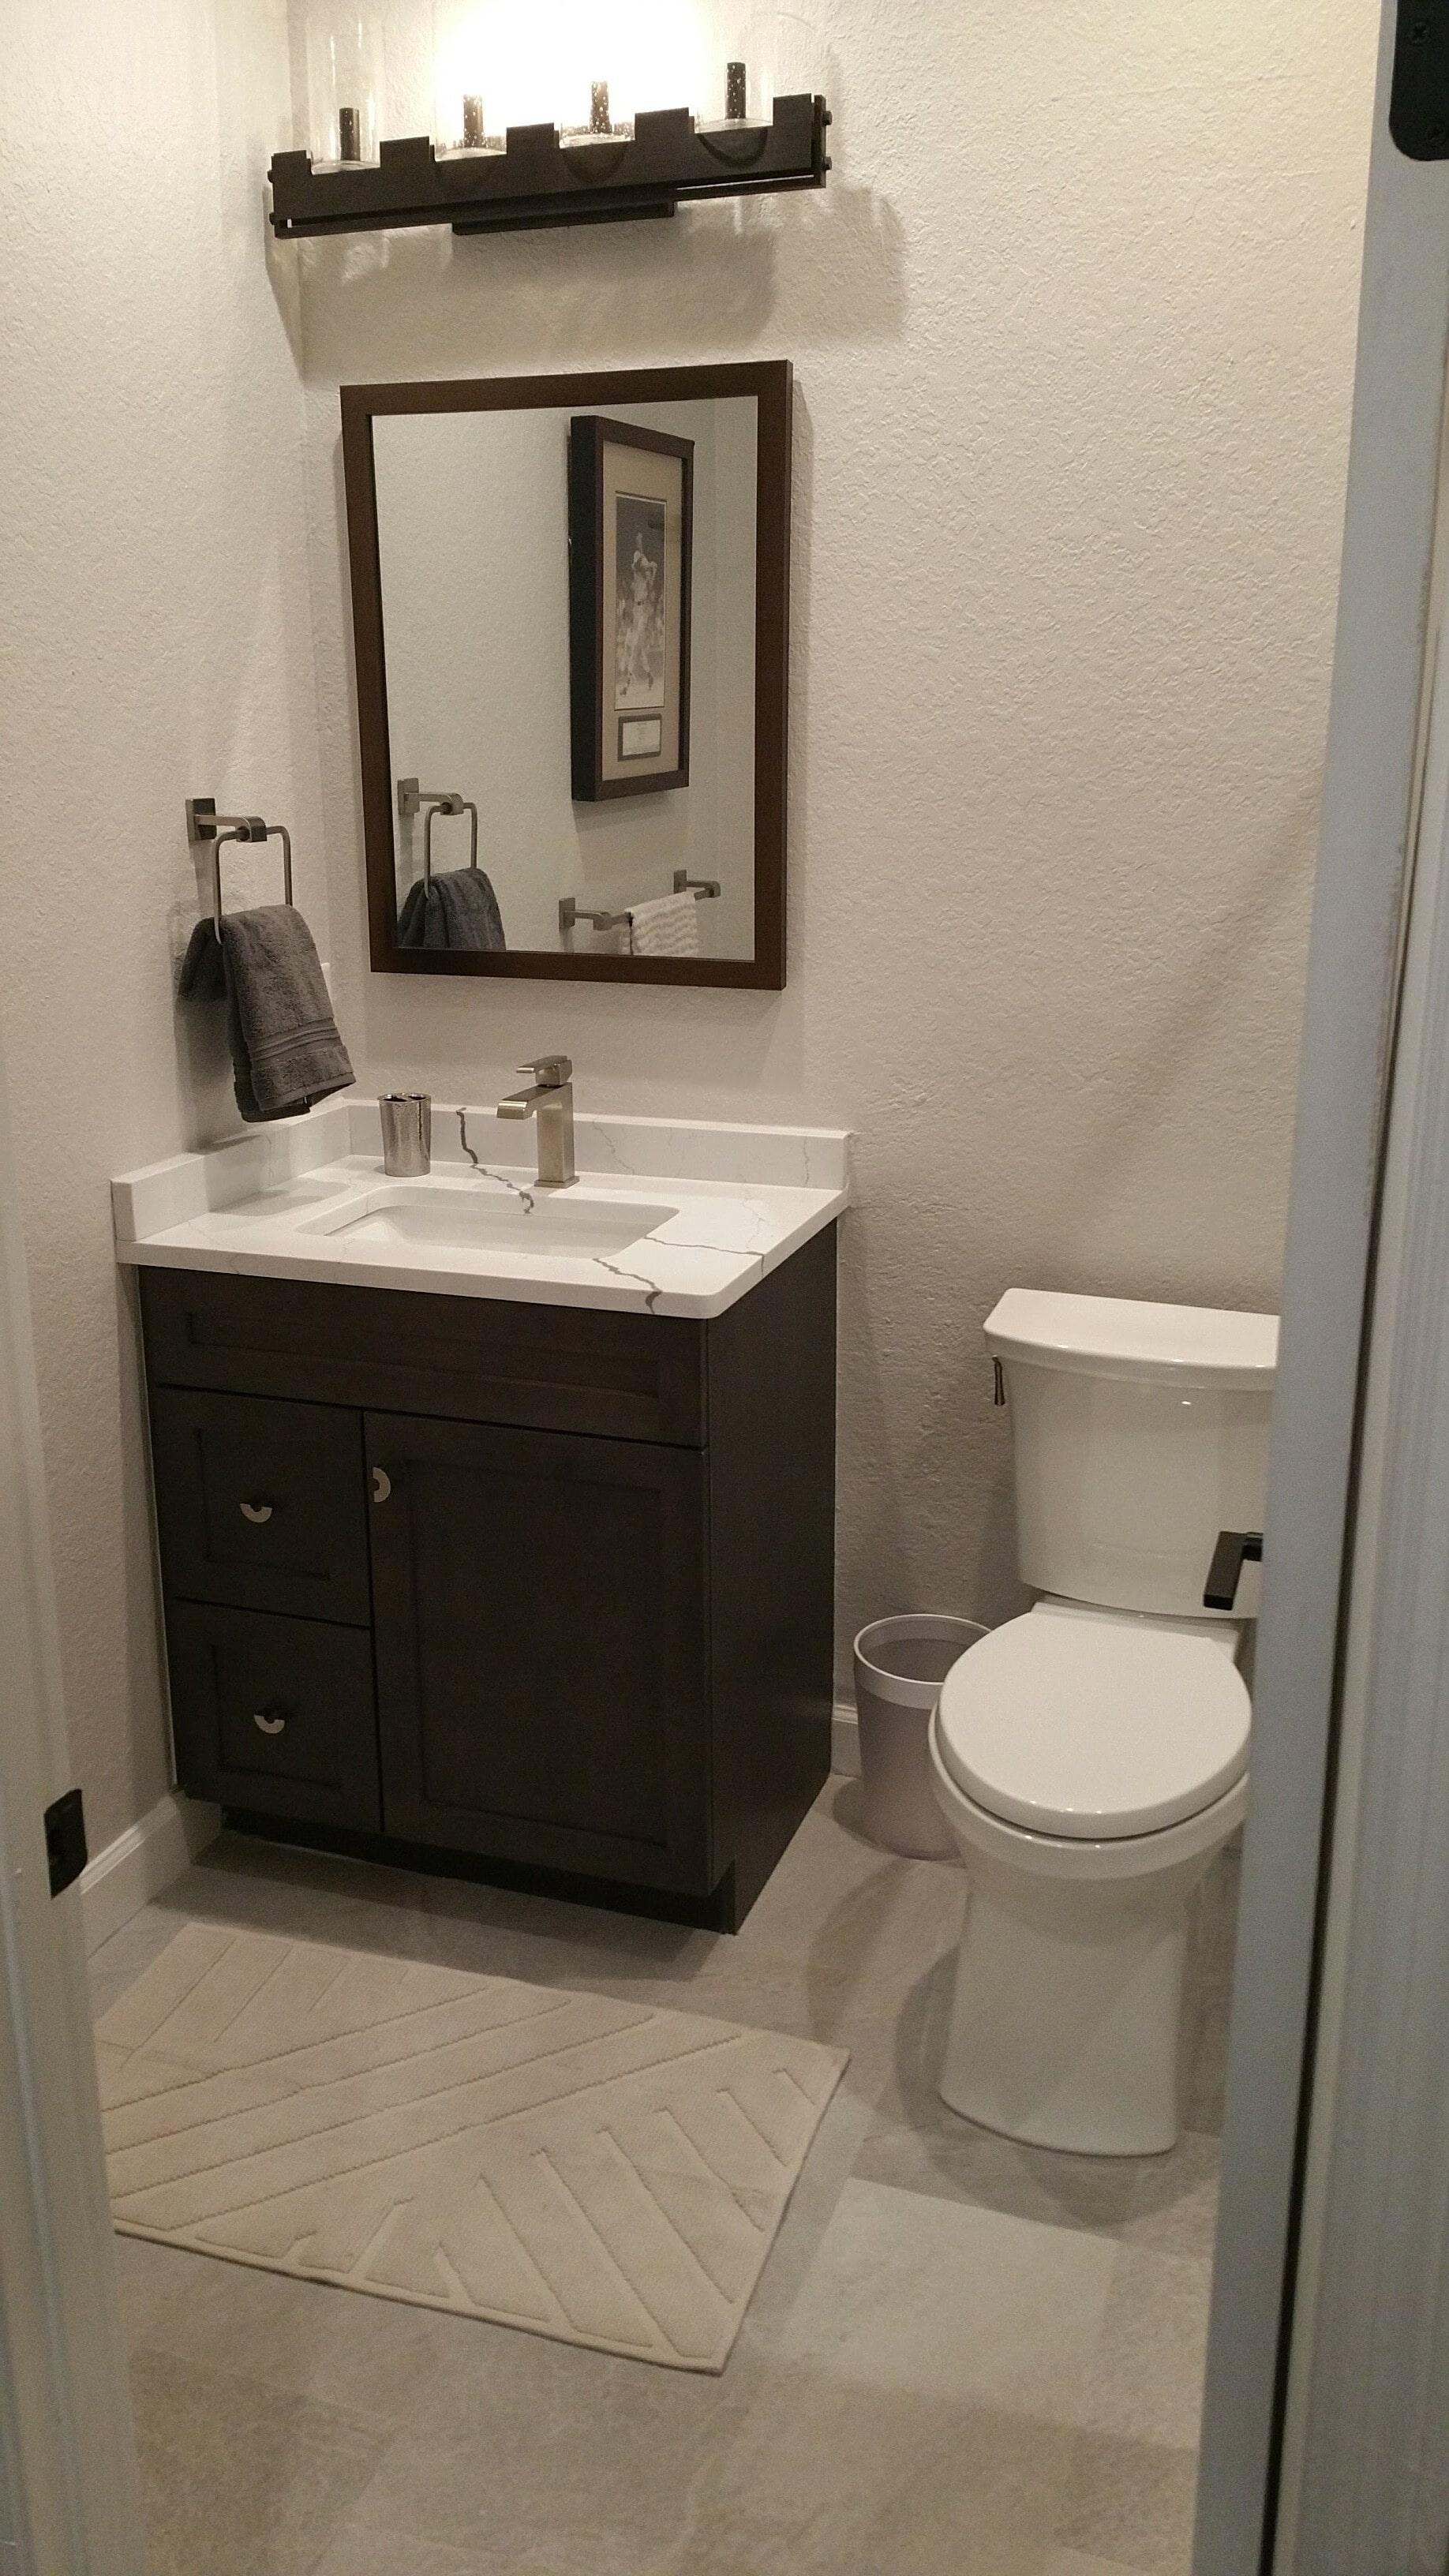 Tampa Florida bathroom remodel